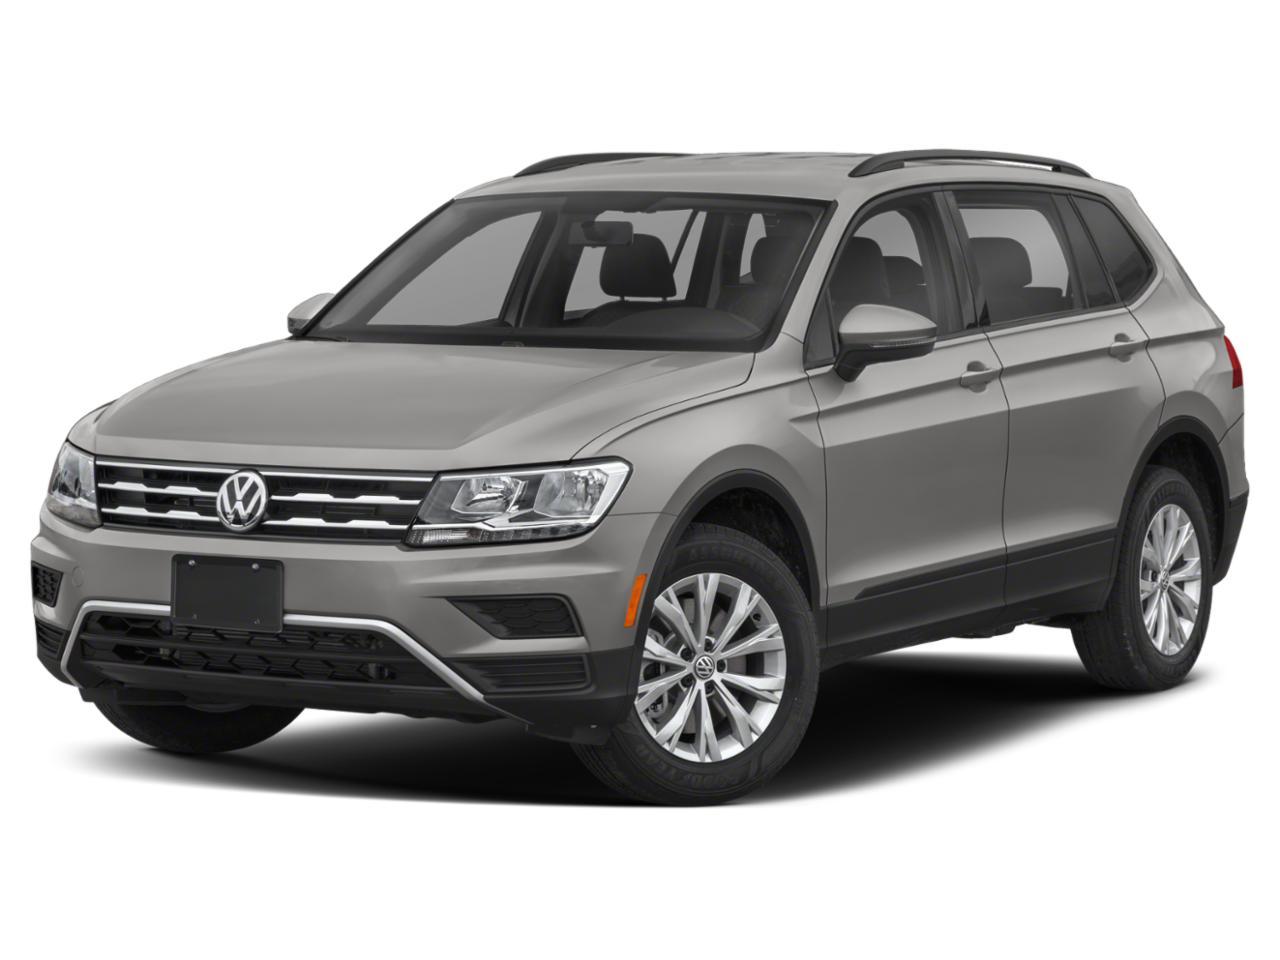 2020 Volkswagen Tiguan Vehicle Photo in San Antonio, TX 78257